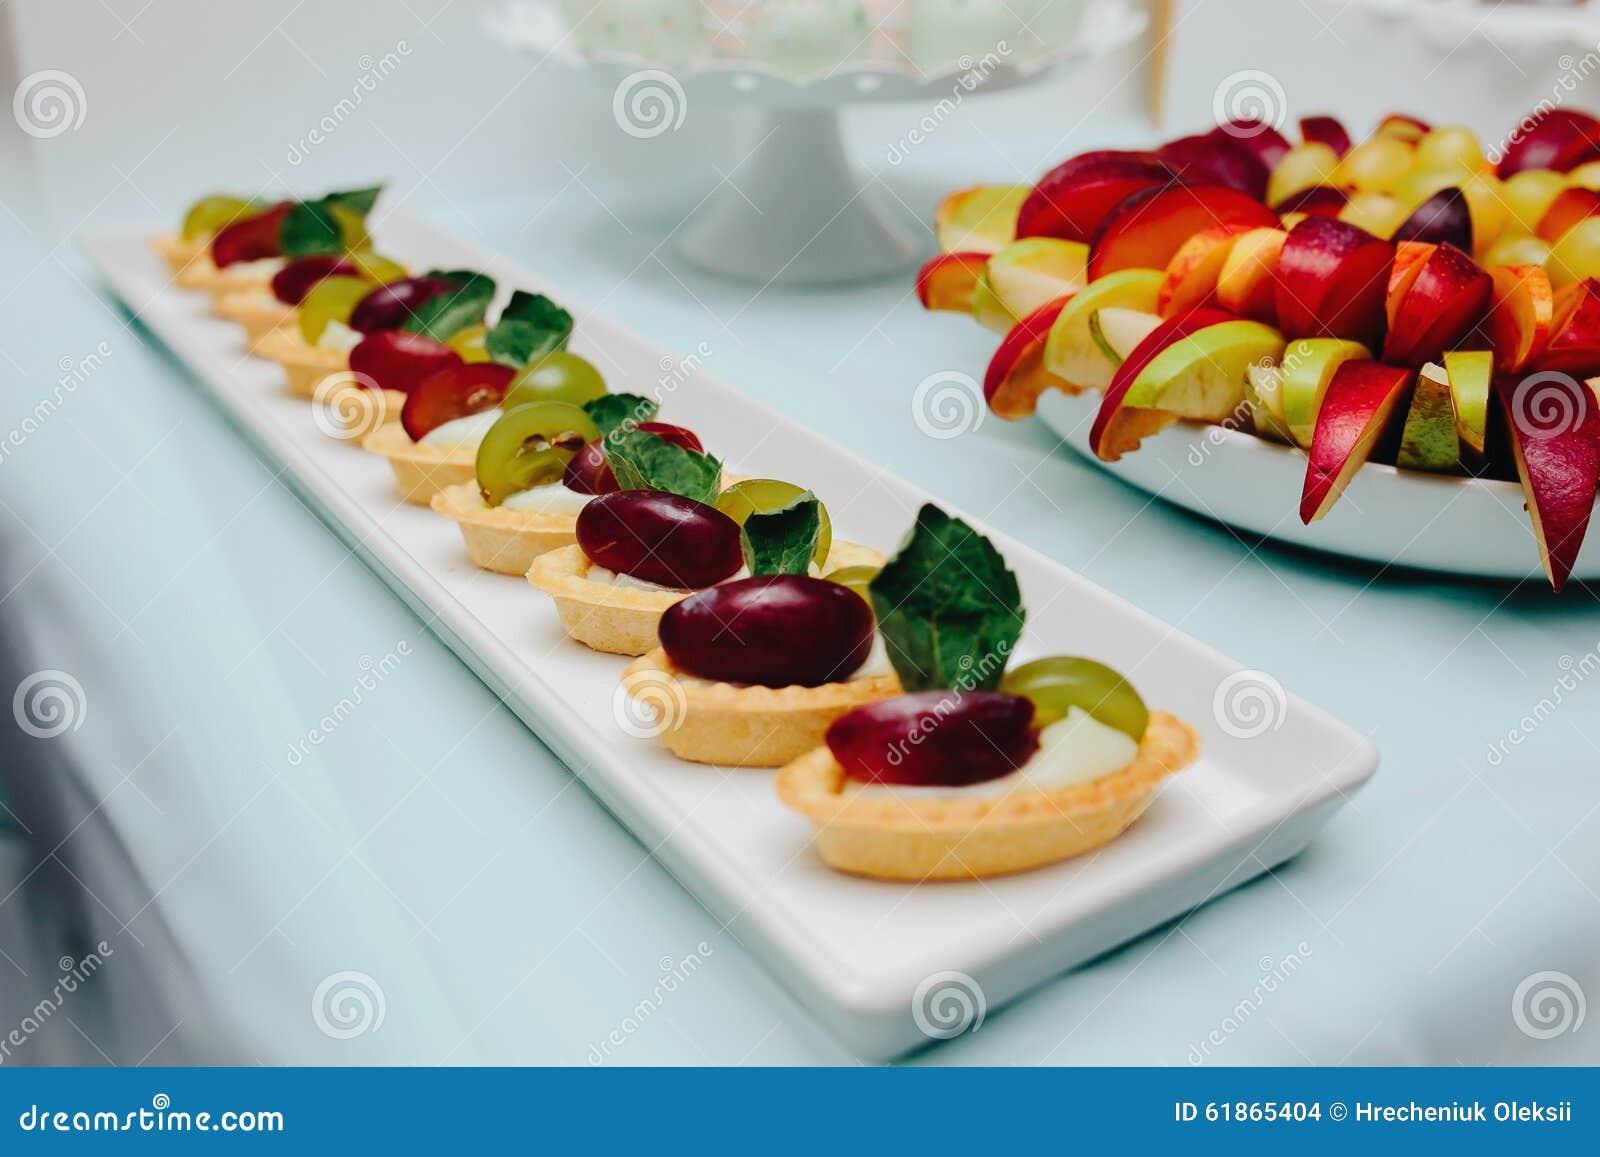 Beautiful Fruit Cake Images : Delicious Fancy Wedding Cake And Fruit Stock Photo - Image ...